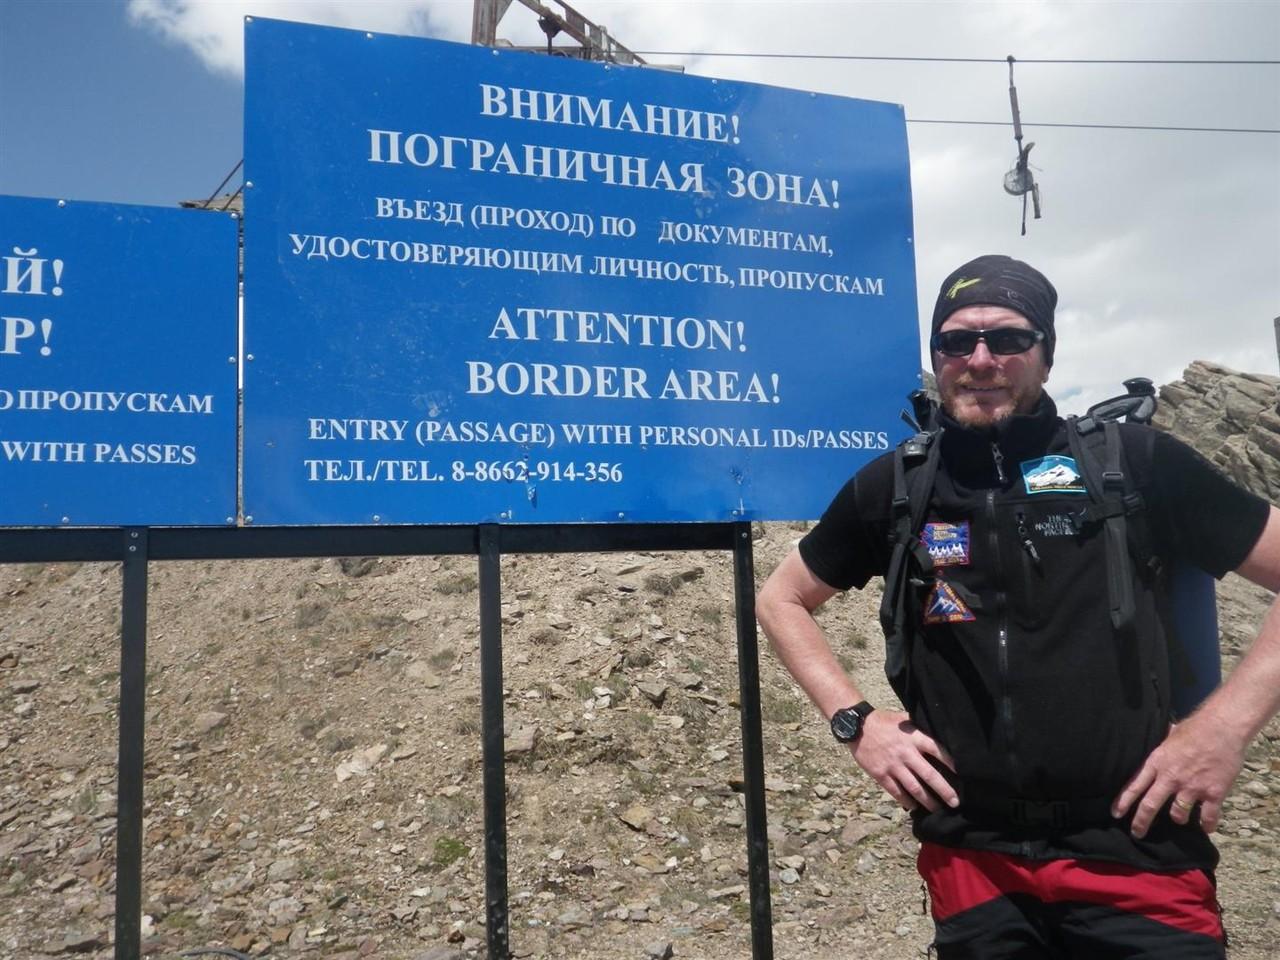 der erste Gipfel wurde uns verwehrt, Russland hat die Grenze zu Georgien geschlossen und der Berg  liegt in der Grenzregion (2Km)